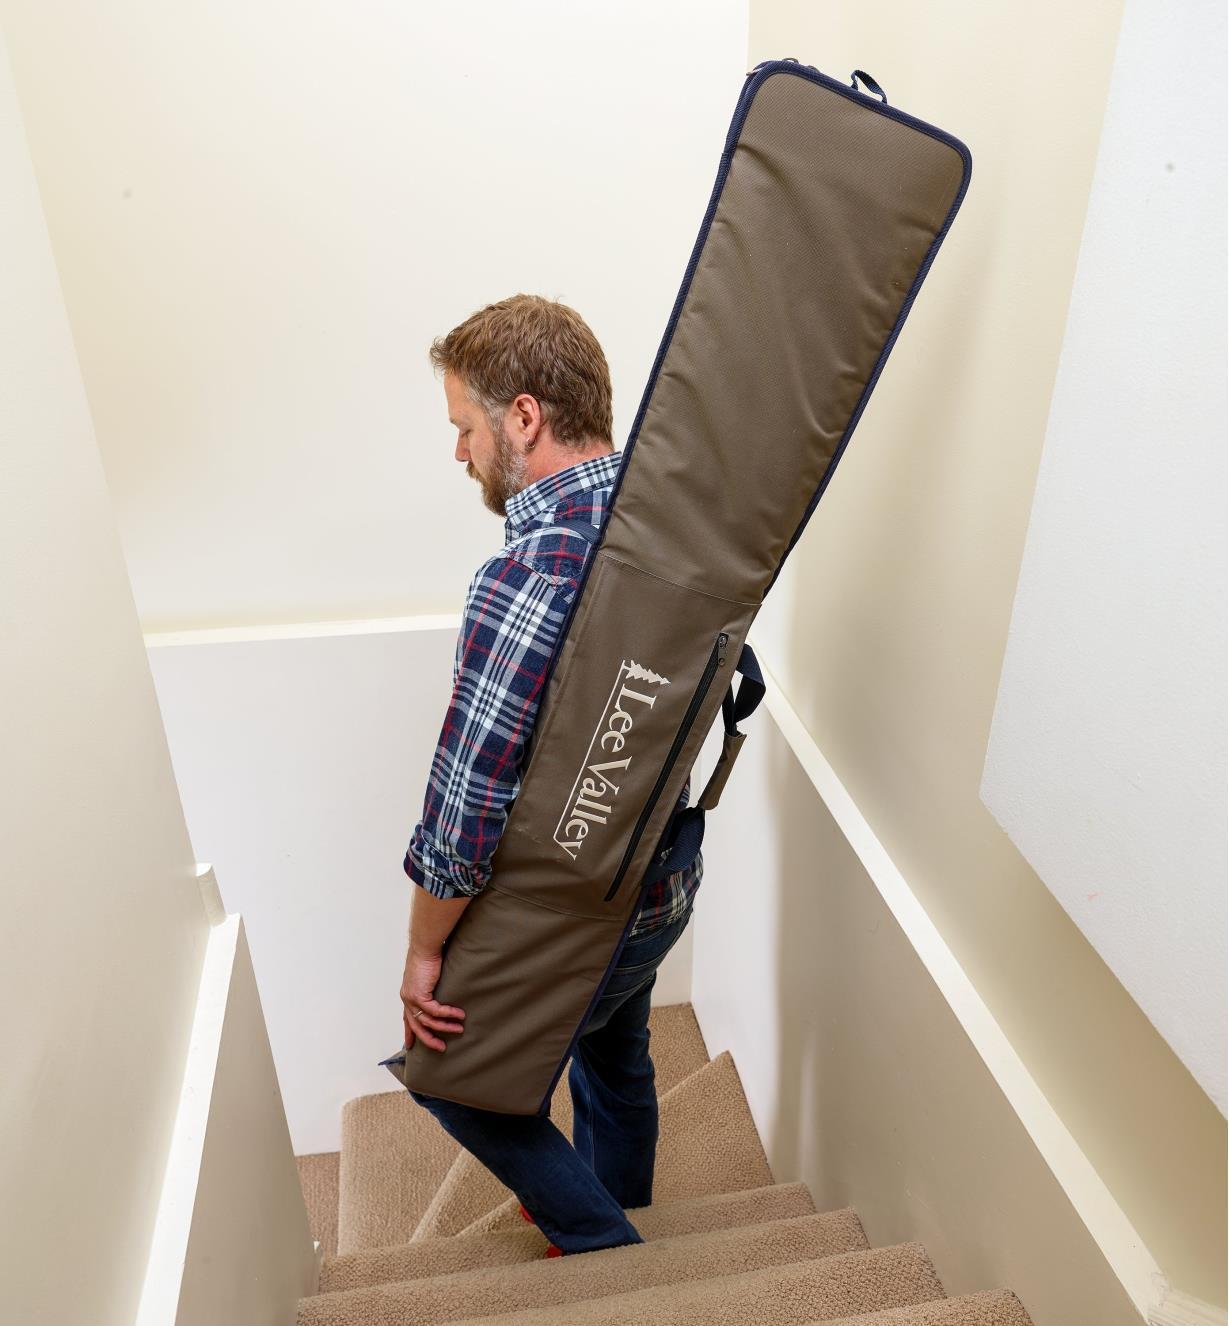 Personne transportant le petit étui pour guide de coupe en bandoulière dans un escalier